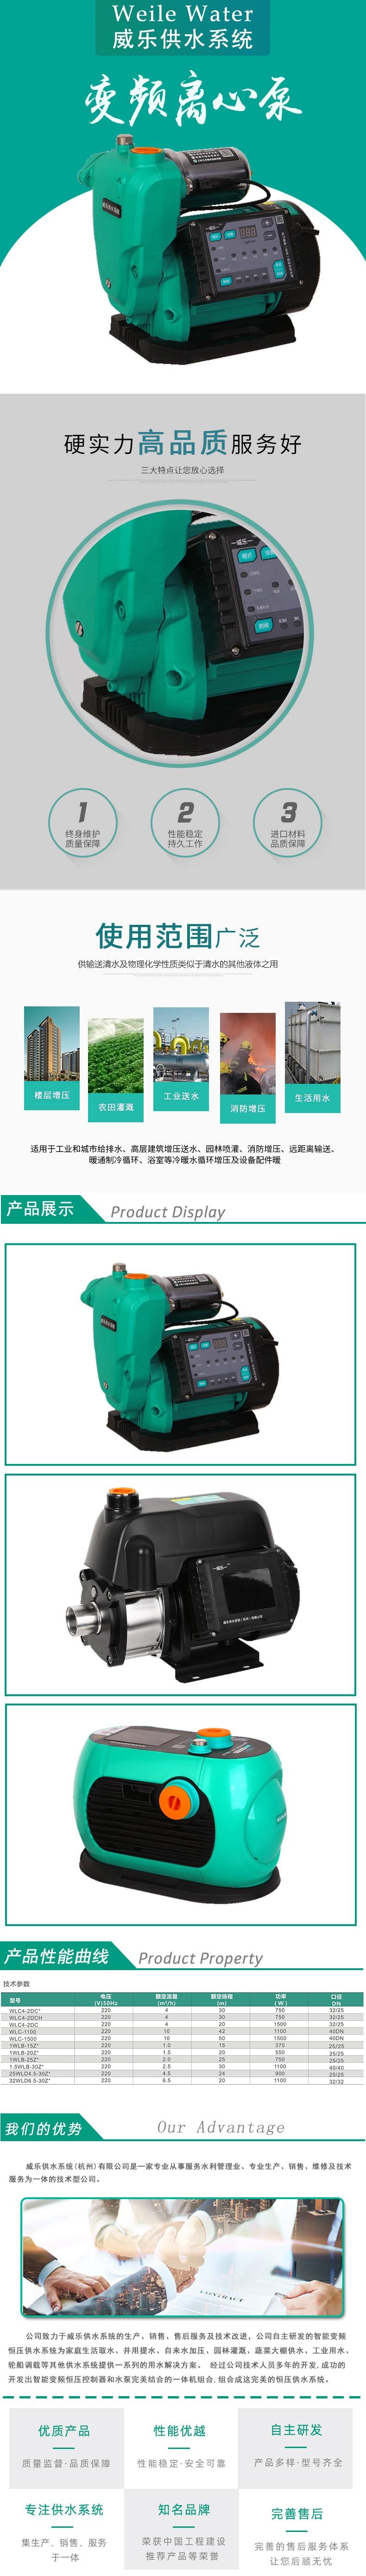 变频离心泵-全智能变频泵